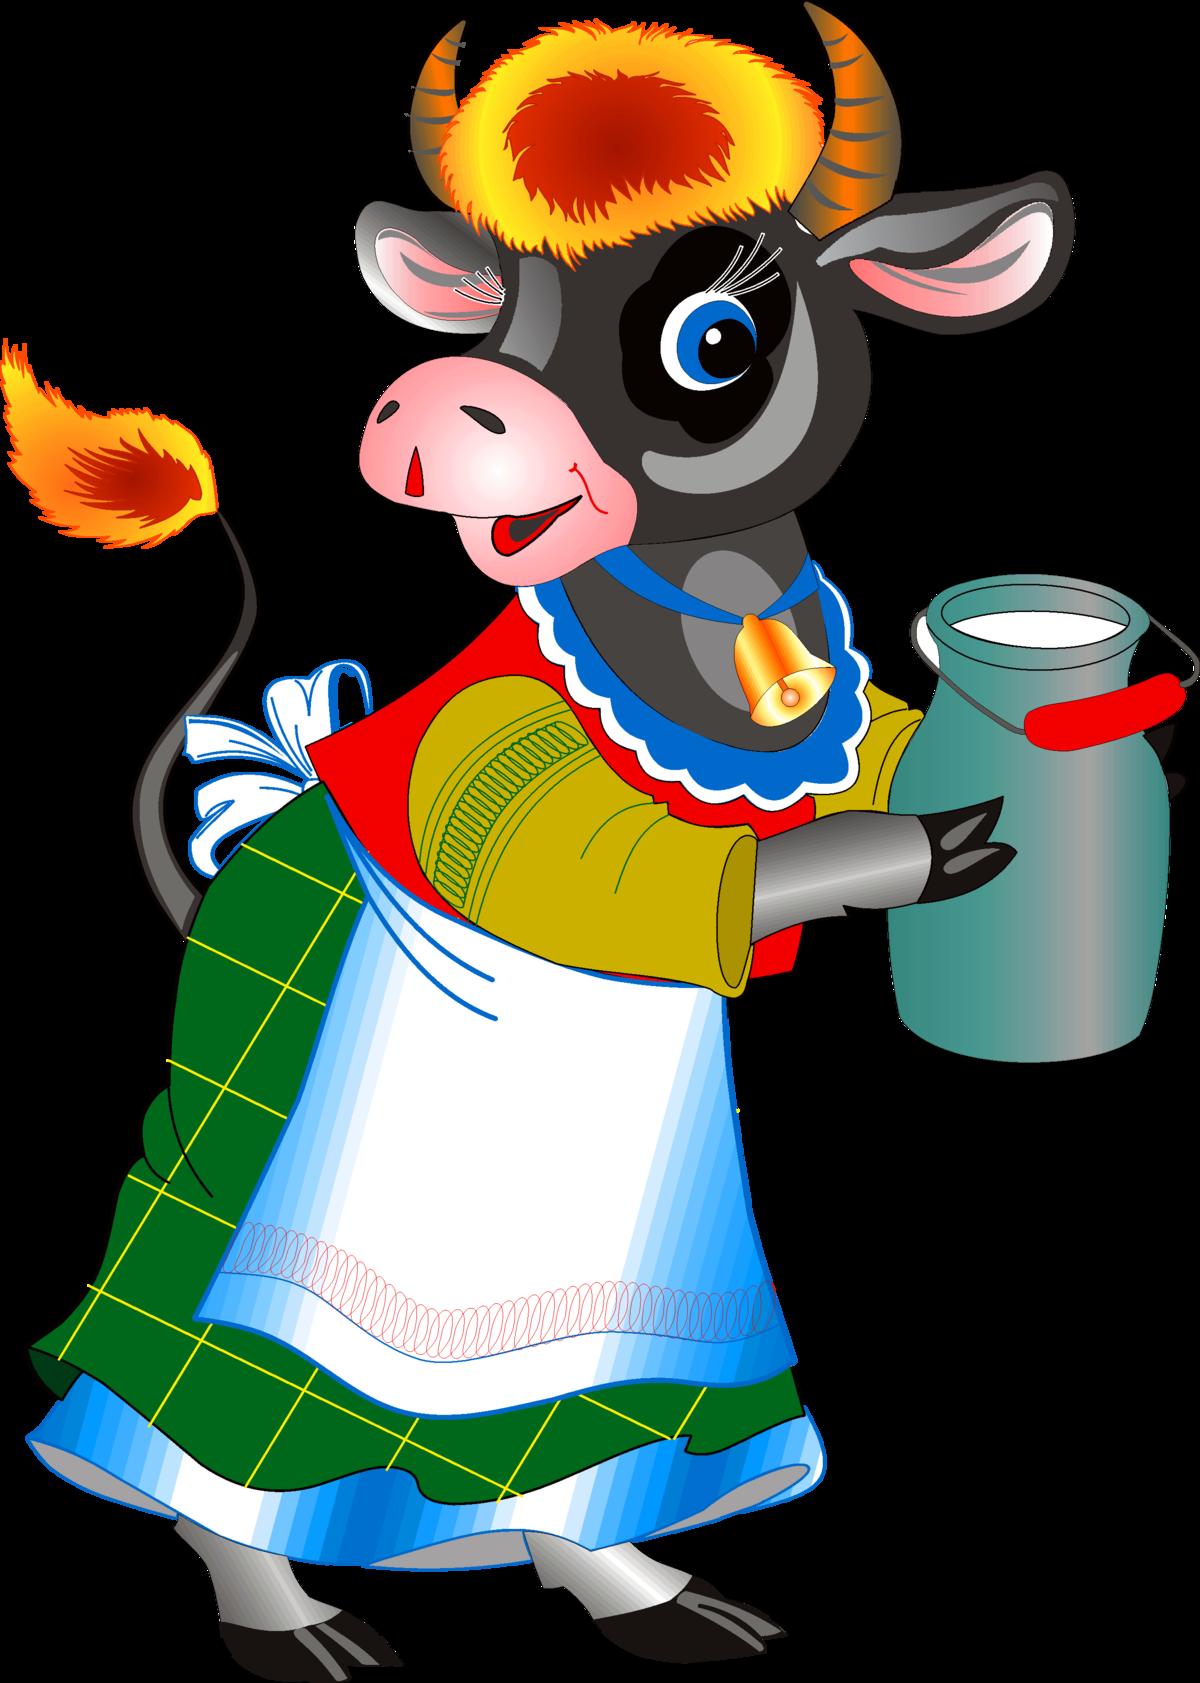 было картинка из сказок корова или гладкий